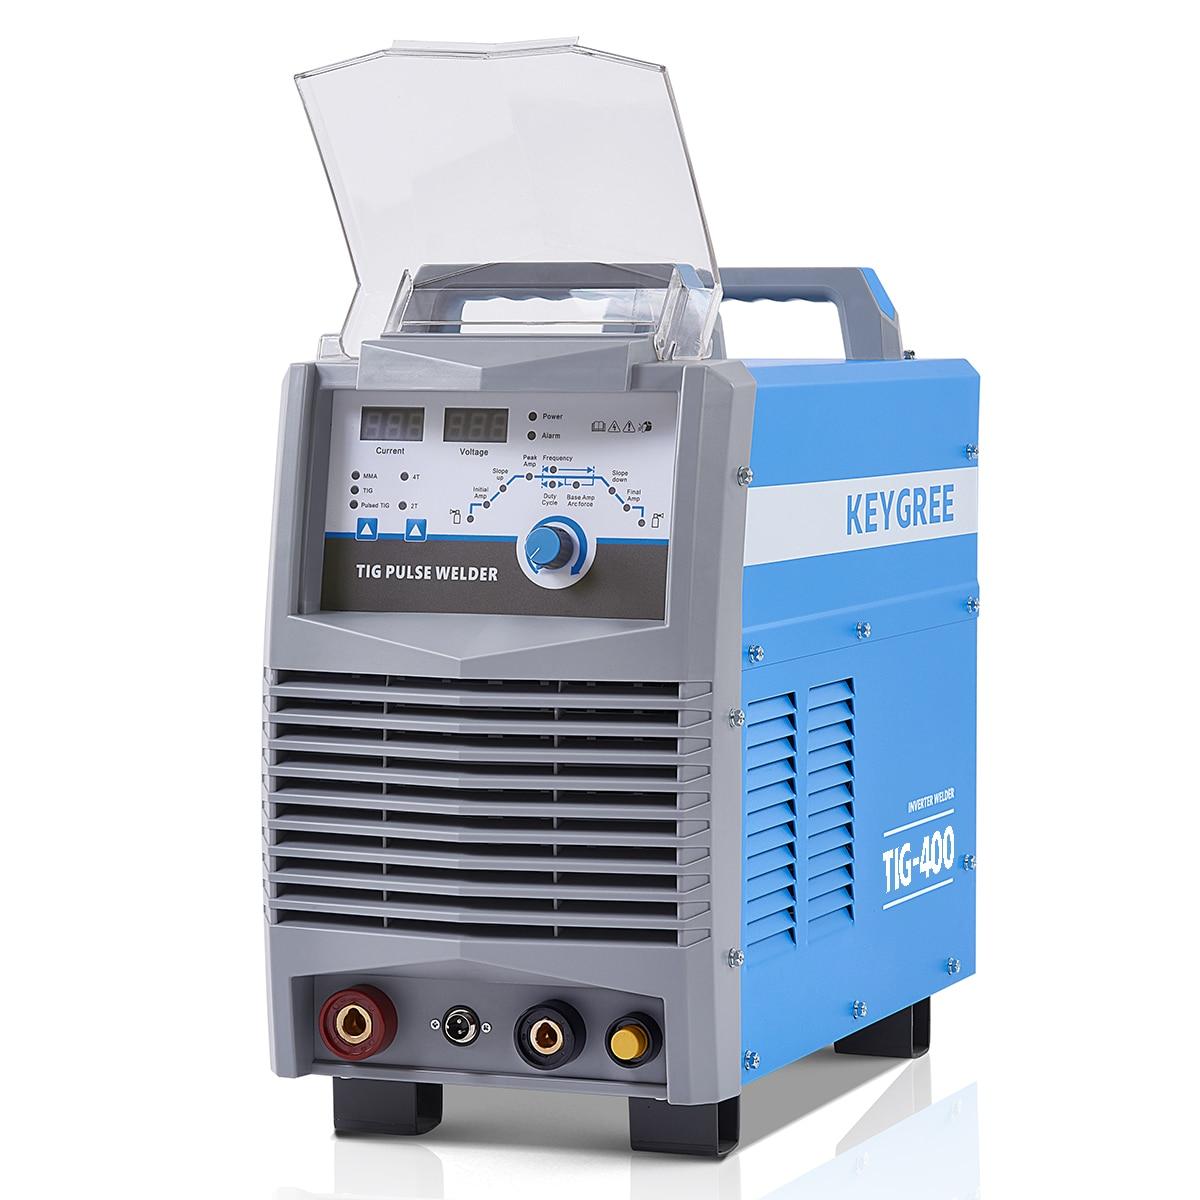 Igbt inversor ideal para soldagem de carbono/inoxidável/aços de baixa liga de pulso argônio tig 400 soldadores